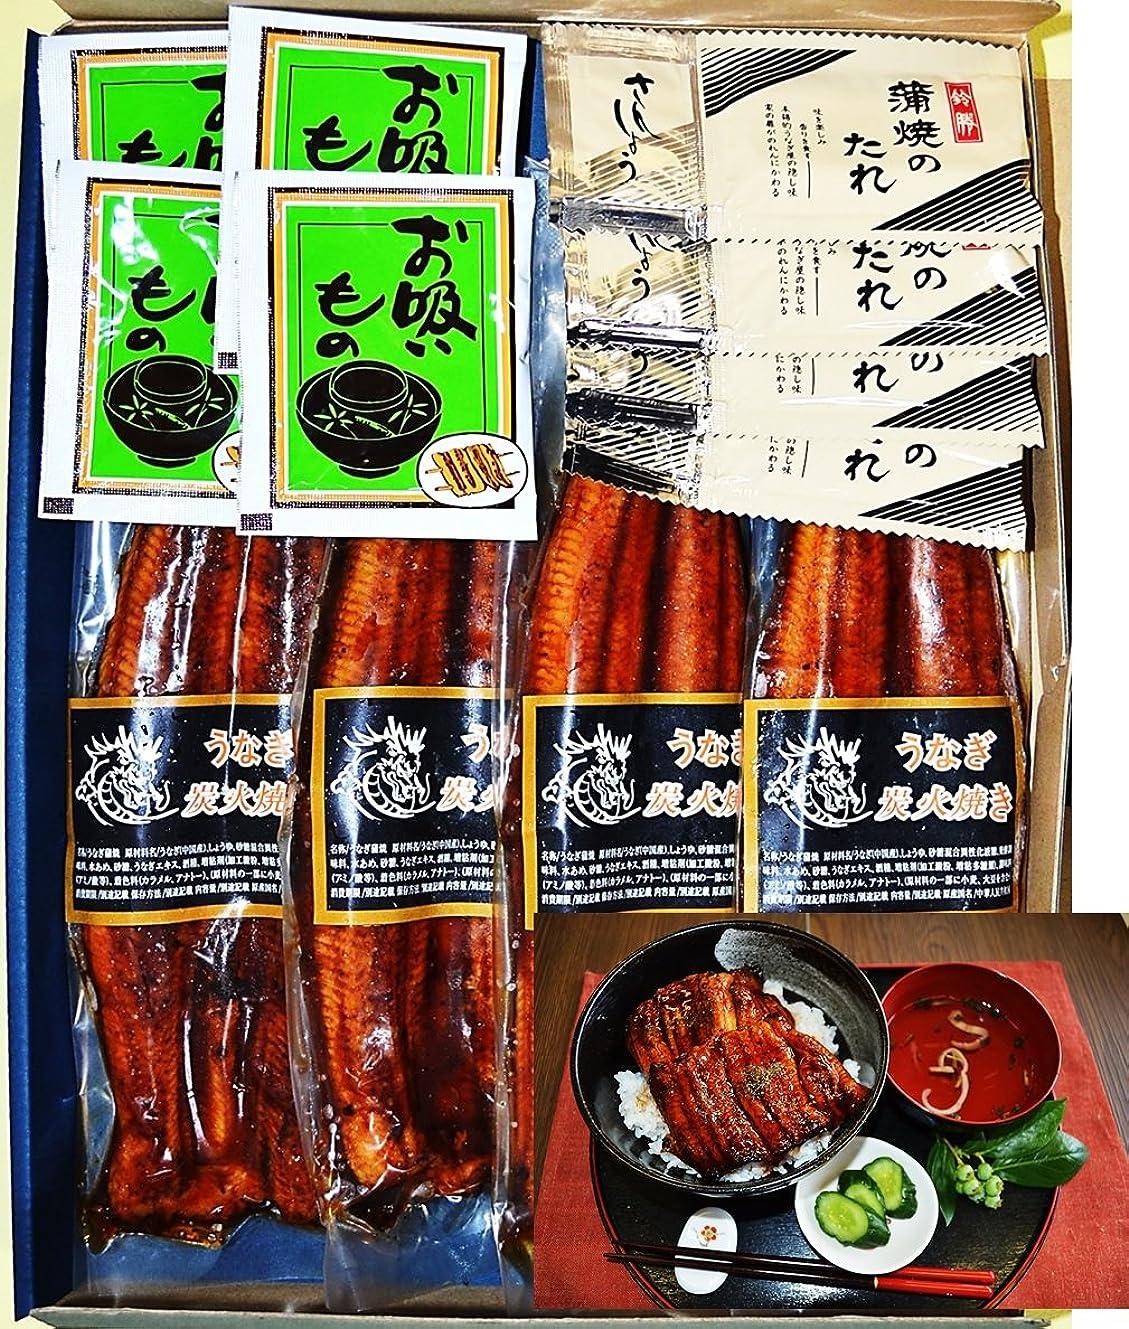 不正直タイムリーな汚染浜名湖食品 うなぎ蒲焼缶詰 × 5缶セット 【全国こだわりご当地グルメ】